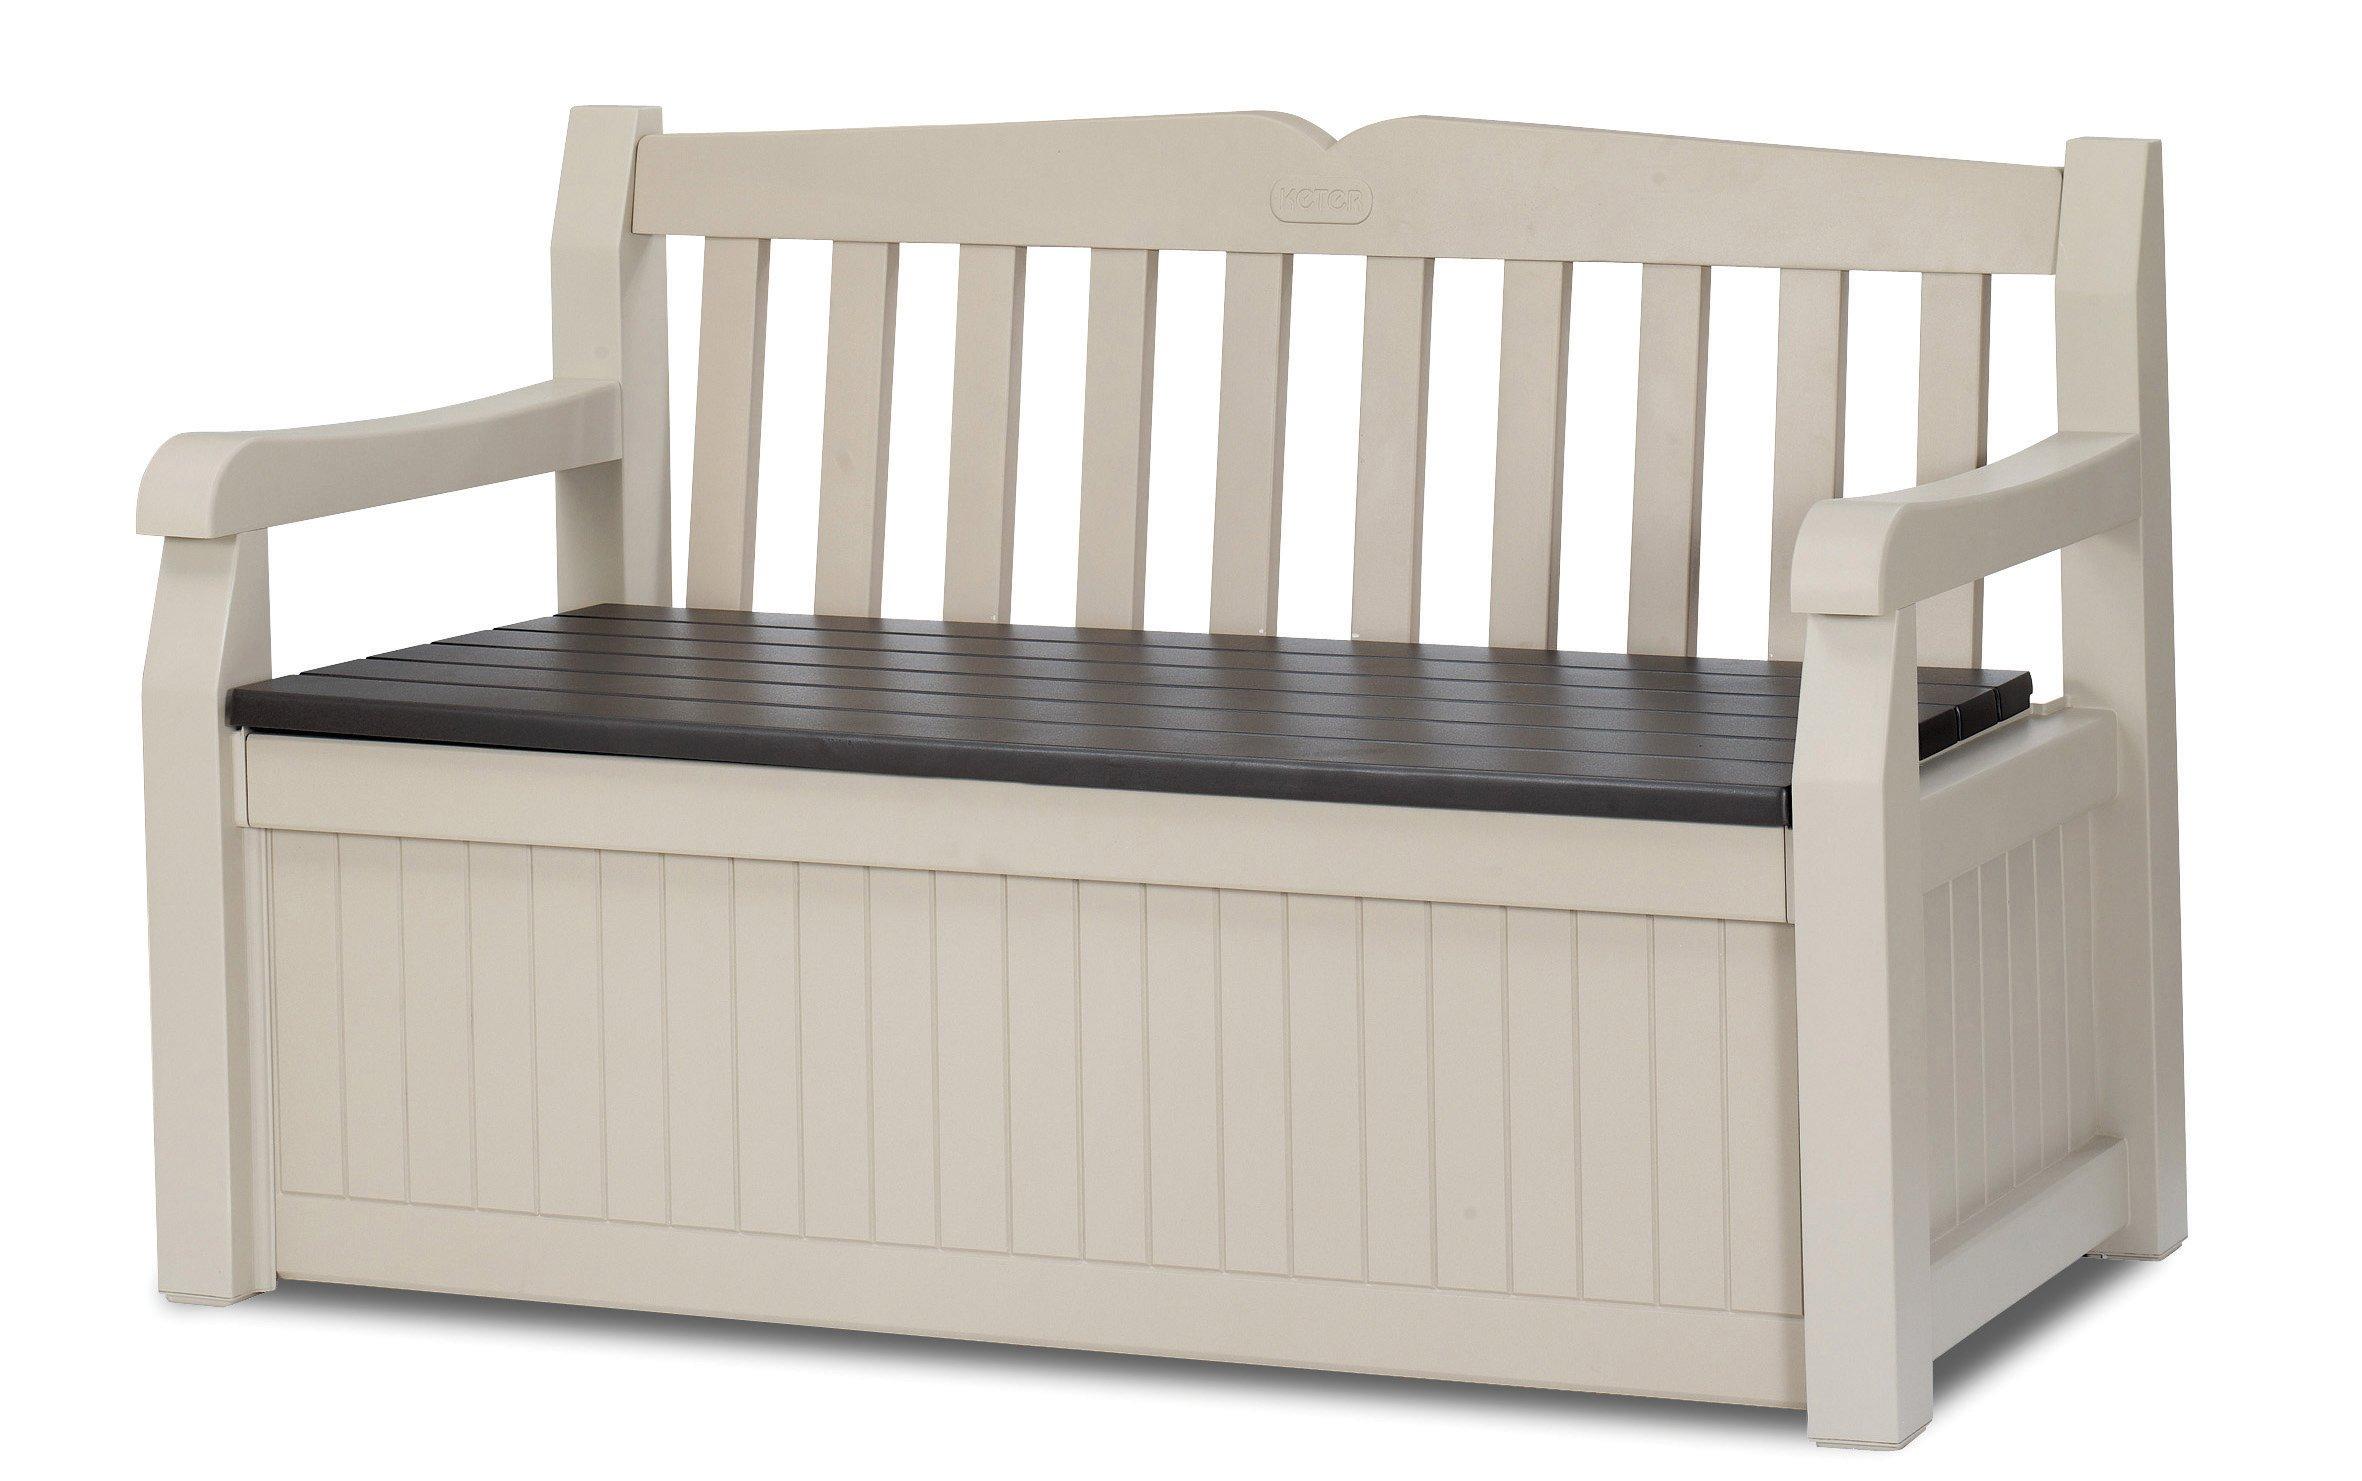 Keter Eden 70 Gallon All Weather Outdoor Patio Storage Garden Bench Deck Box, Beige by Keter`